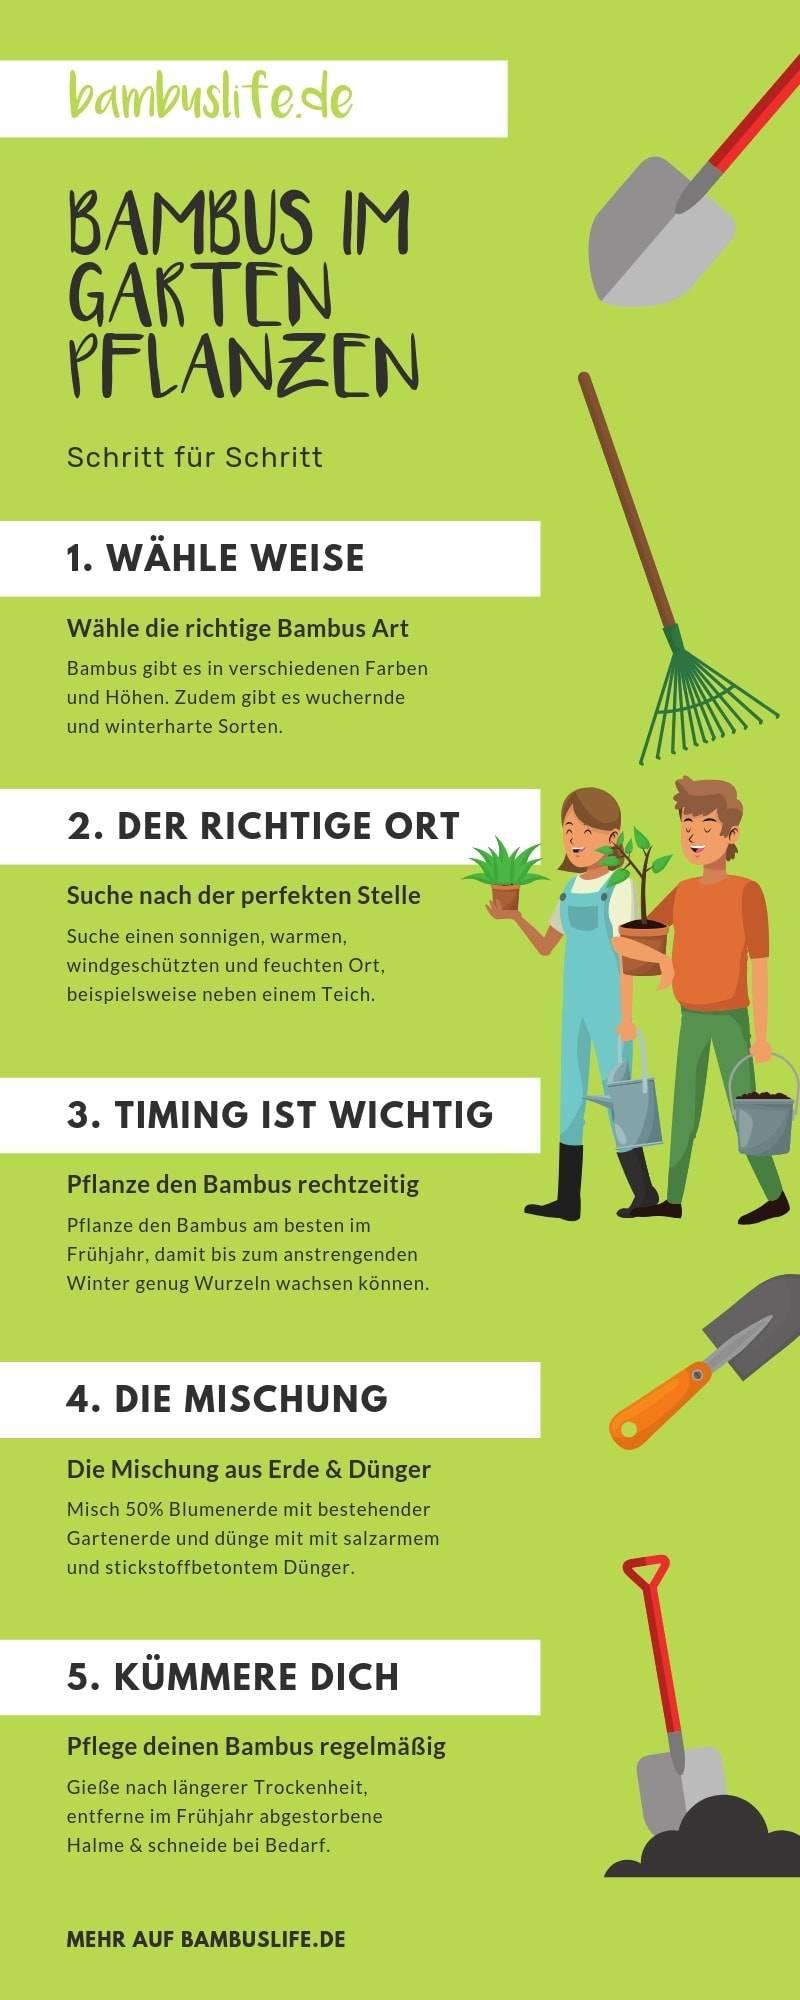 Bambus Im Garten Anpflanzen Das Musst Du Wissen Mit Infografik